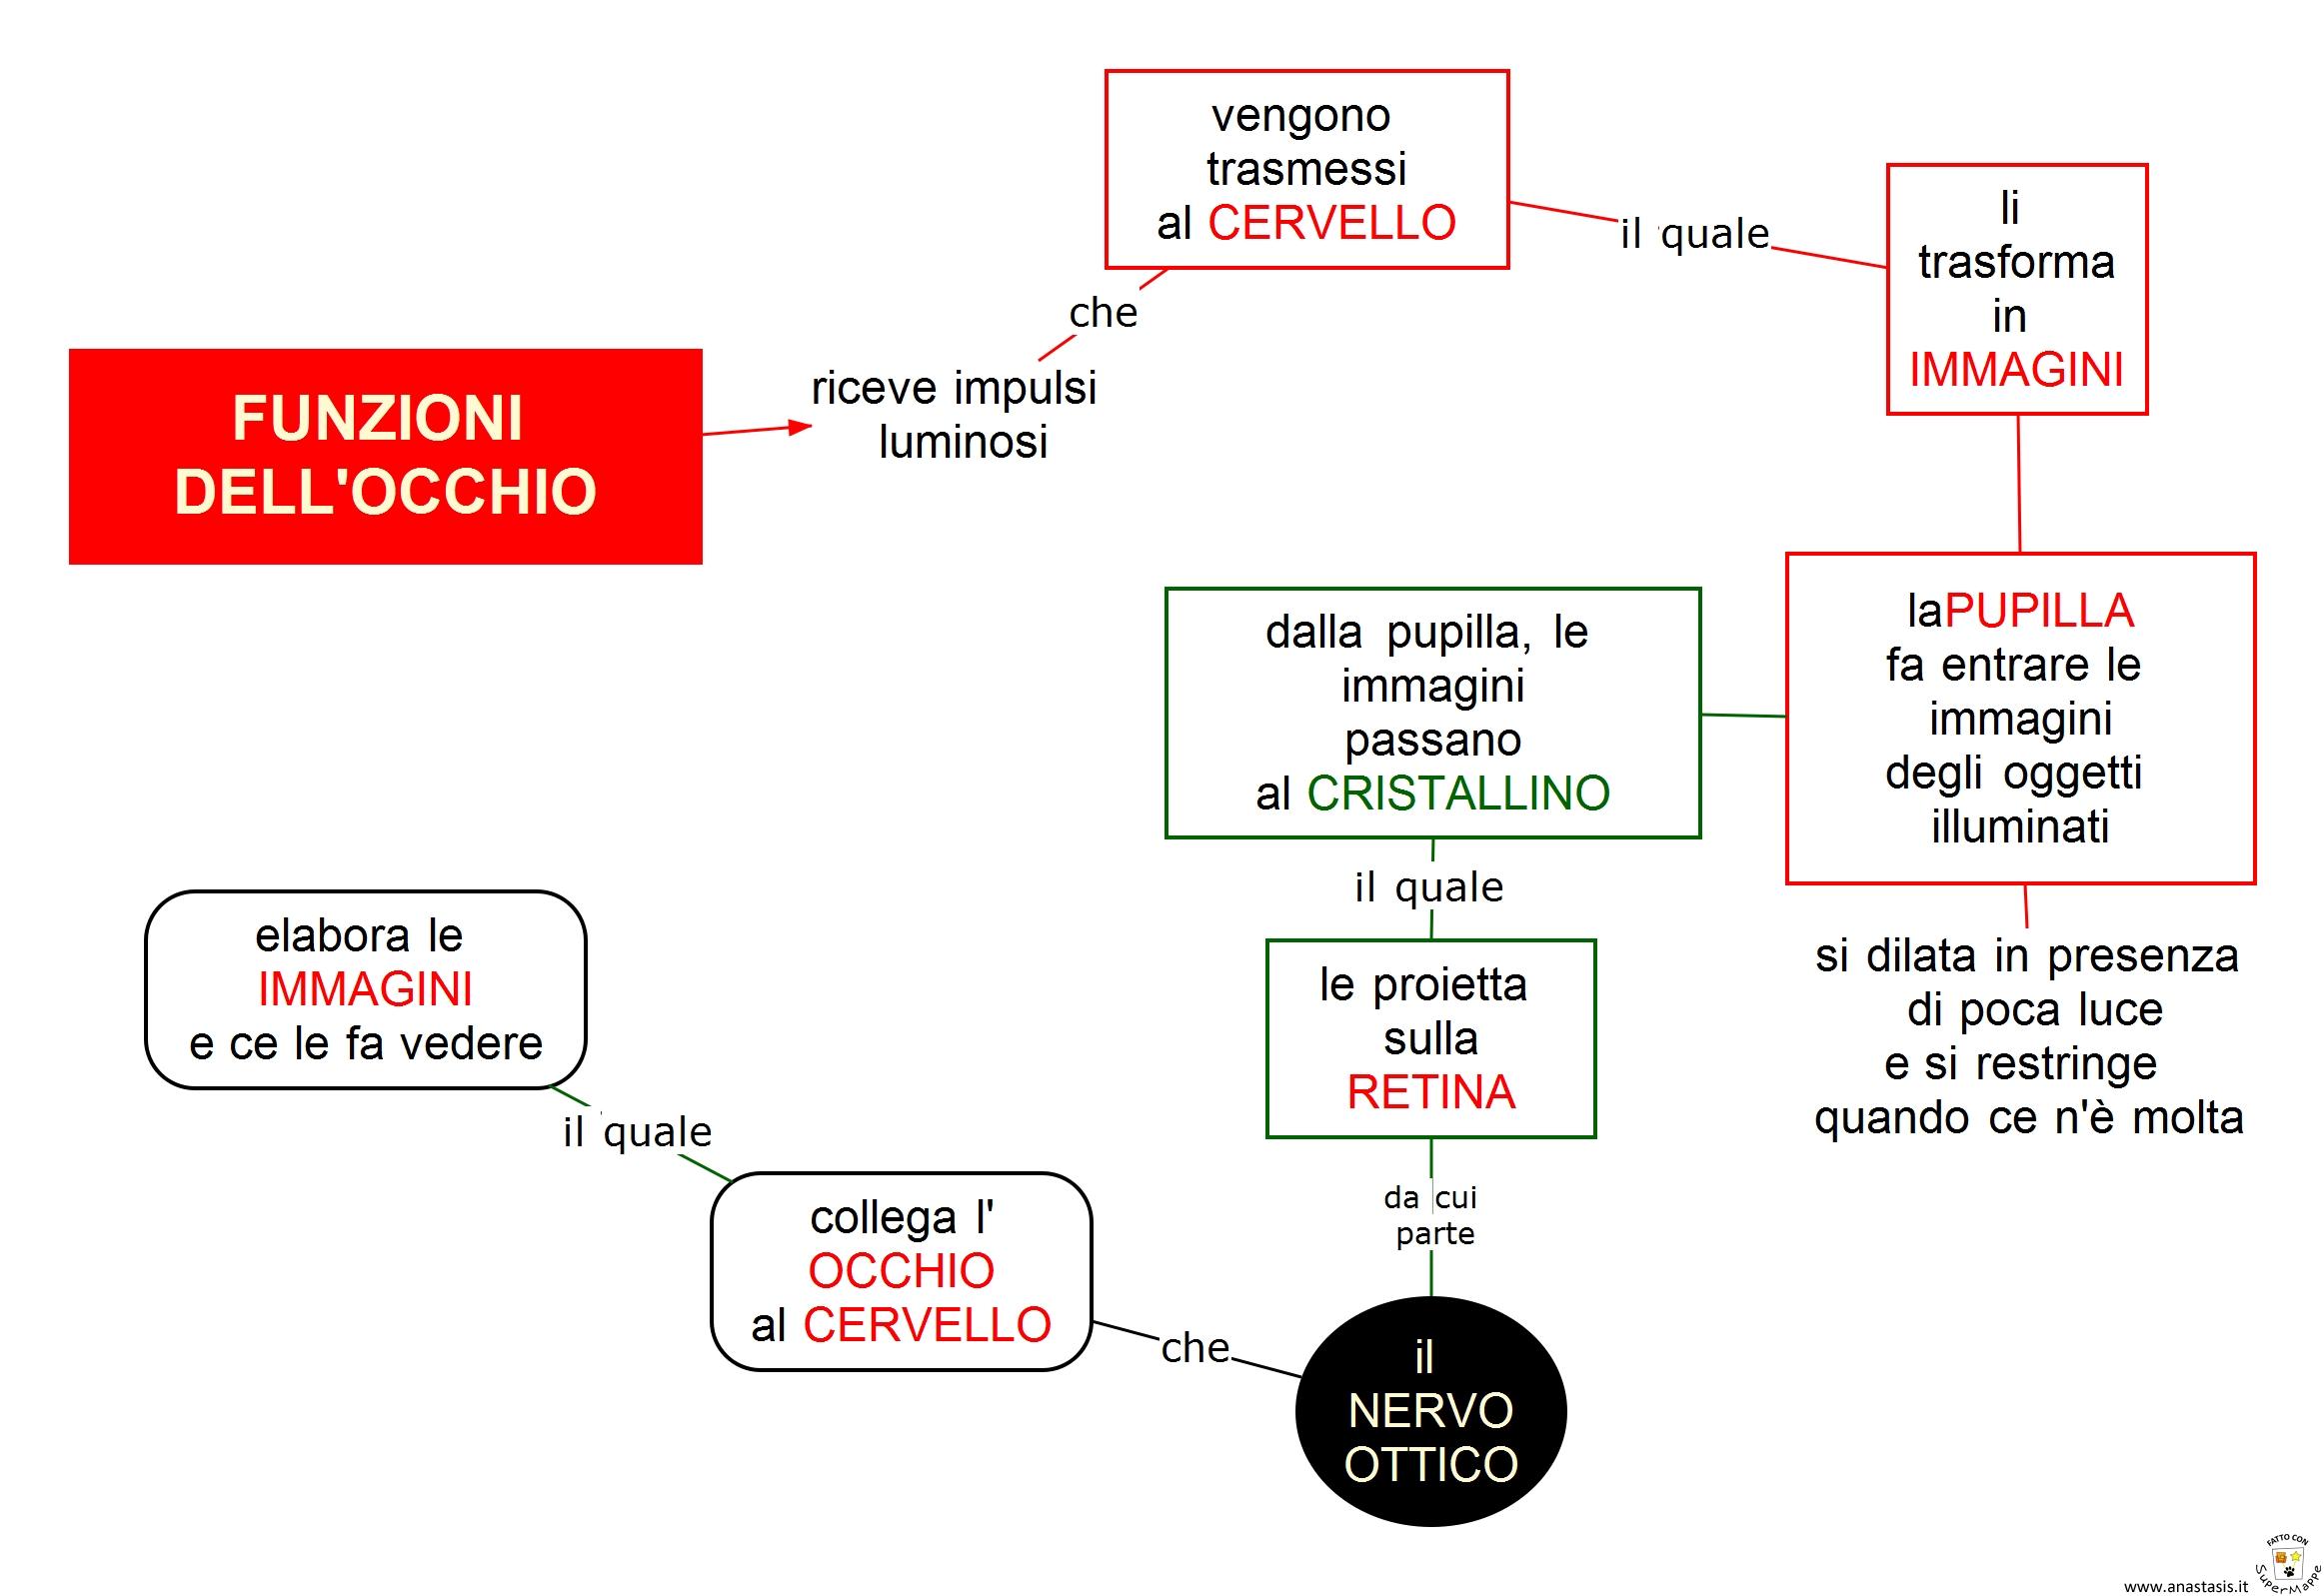 FUNZIONI  DELL'OCCHIO